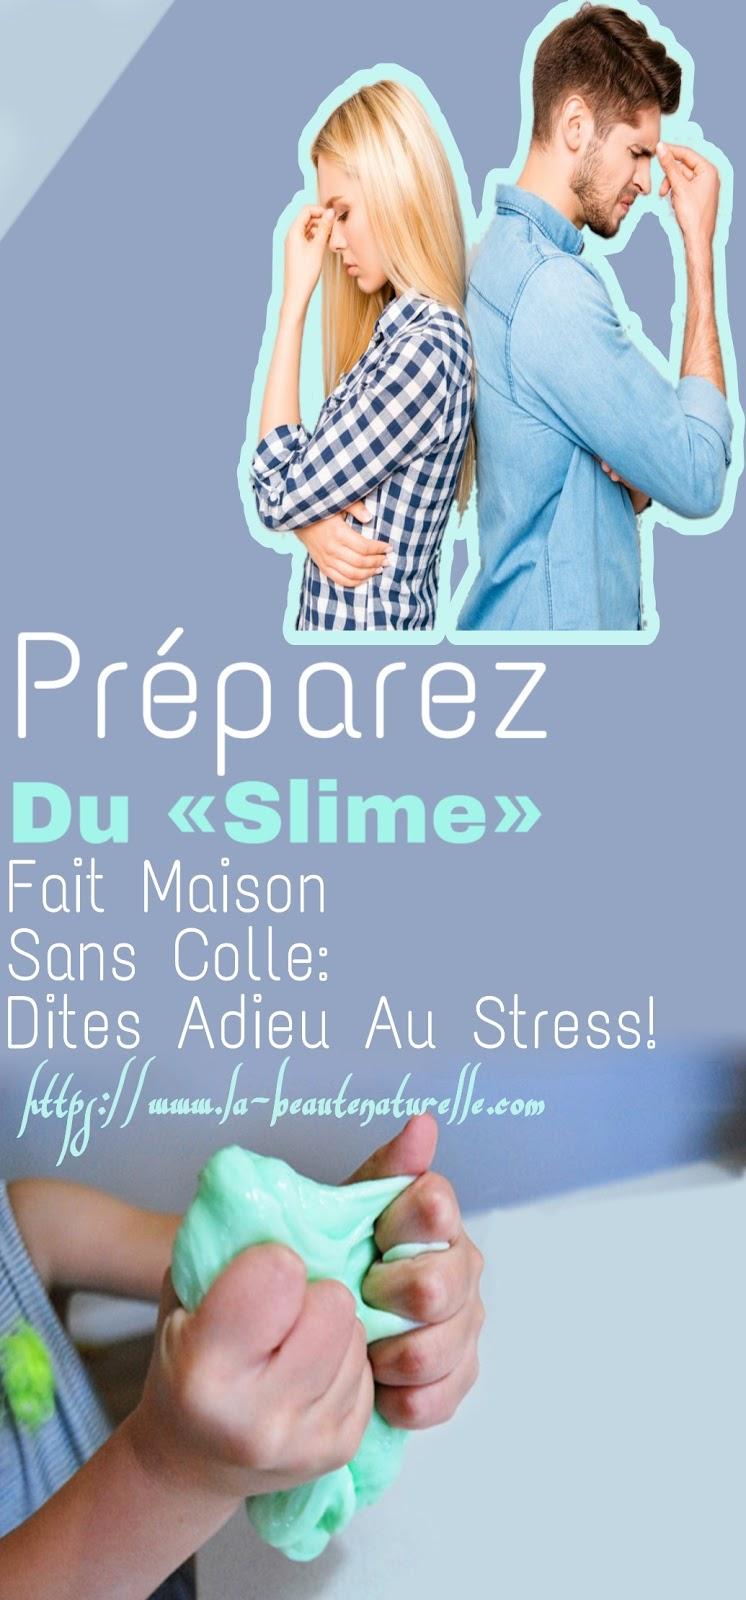 Préparez Du «Slime» Fait Maison Sans Colle: Dites Adieu Au Stress!